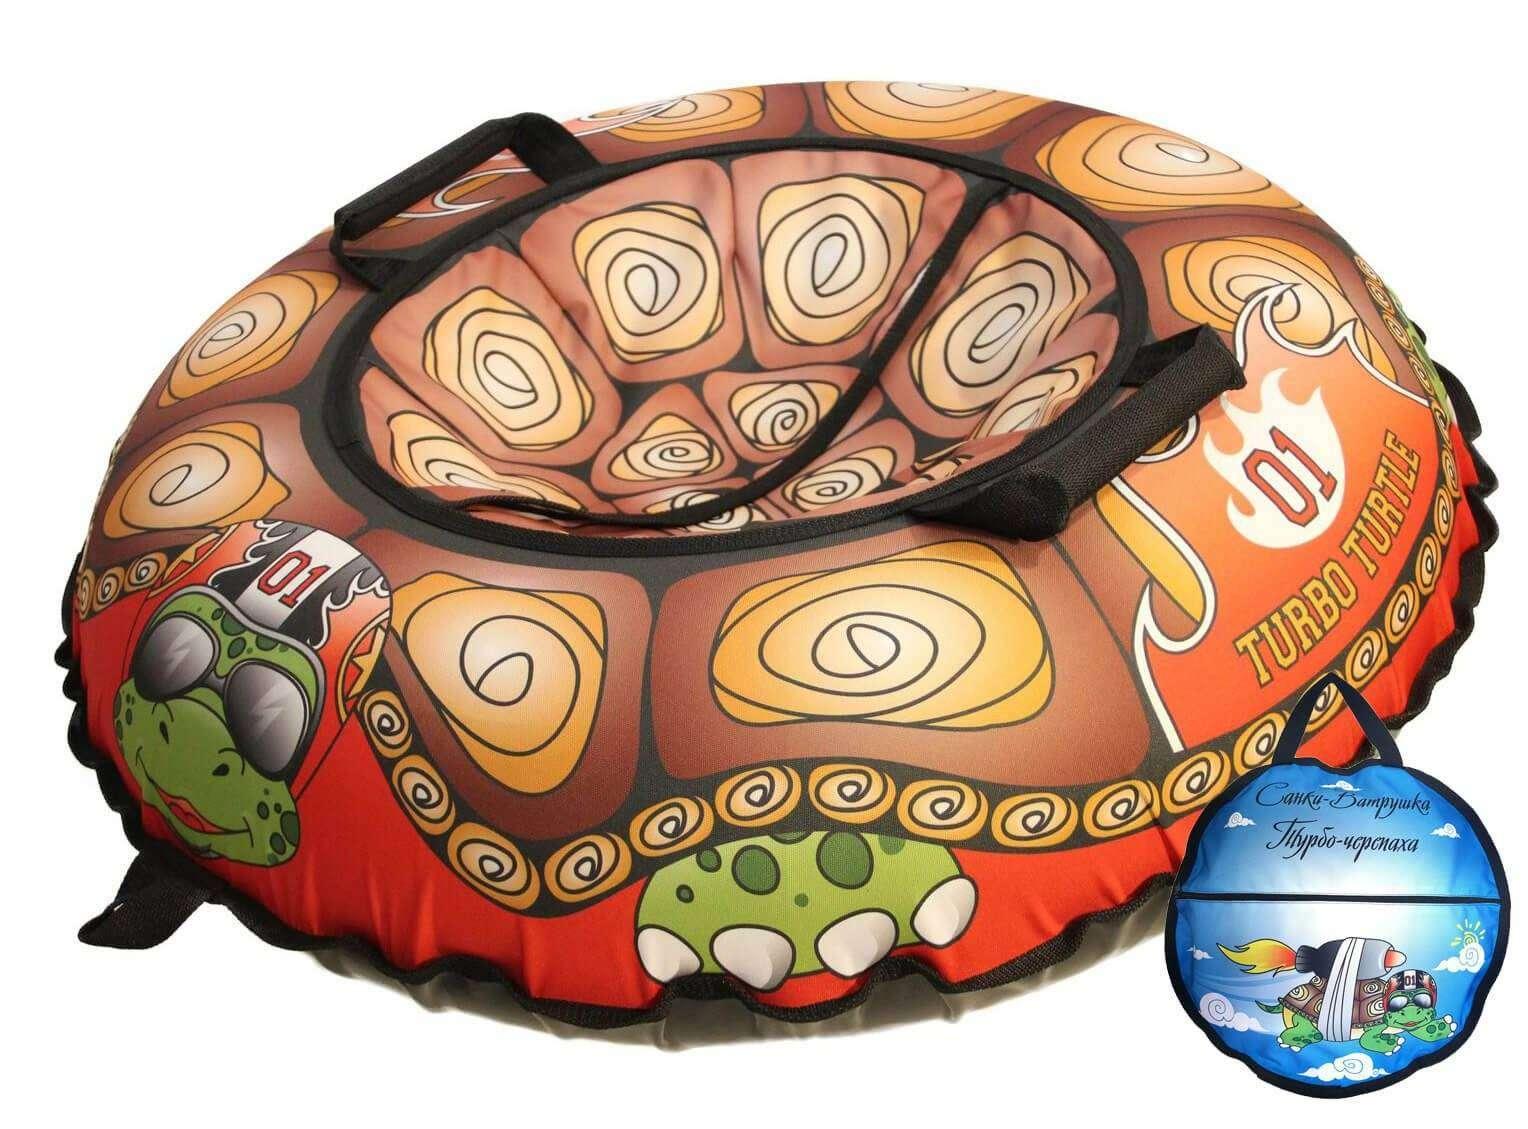 Купить Санки надувные Ватрушка Турбо-черепаха с чехлом